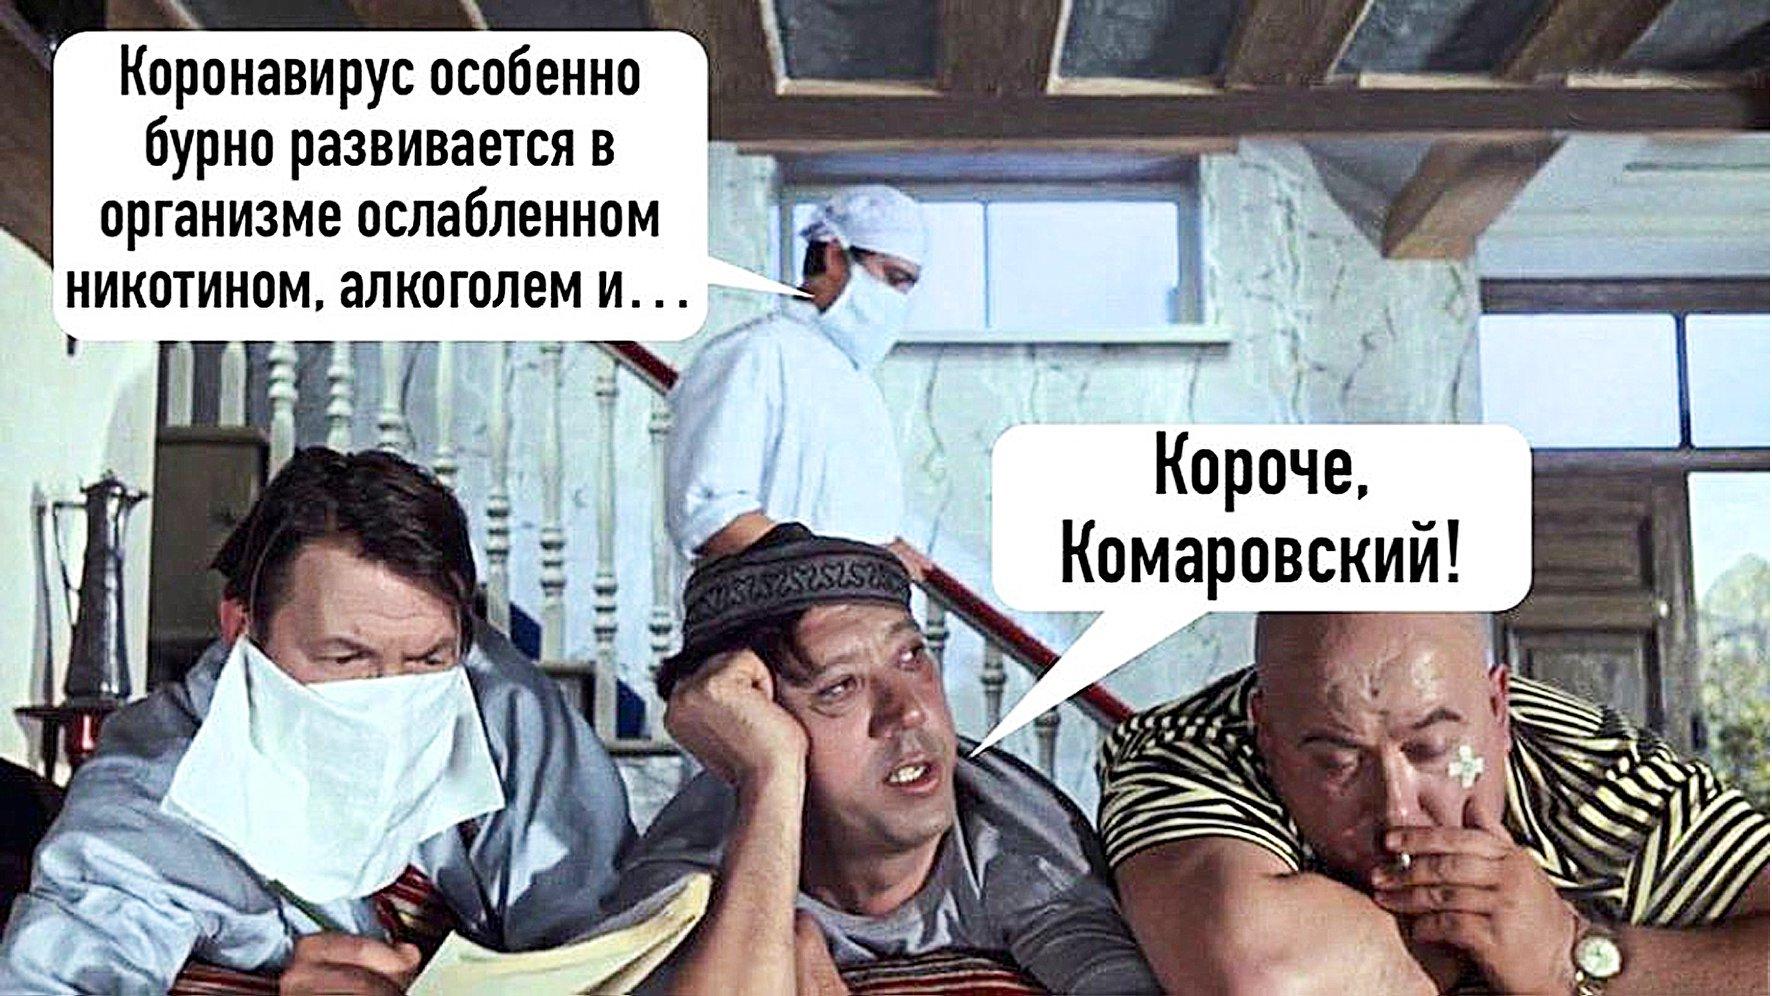 Анекдоты Про Коронавирус Смешные Скачать Бесплатно